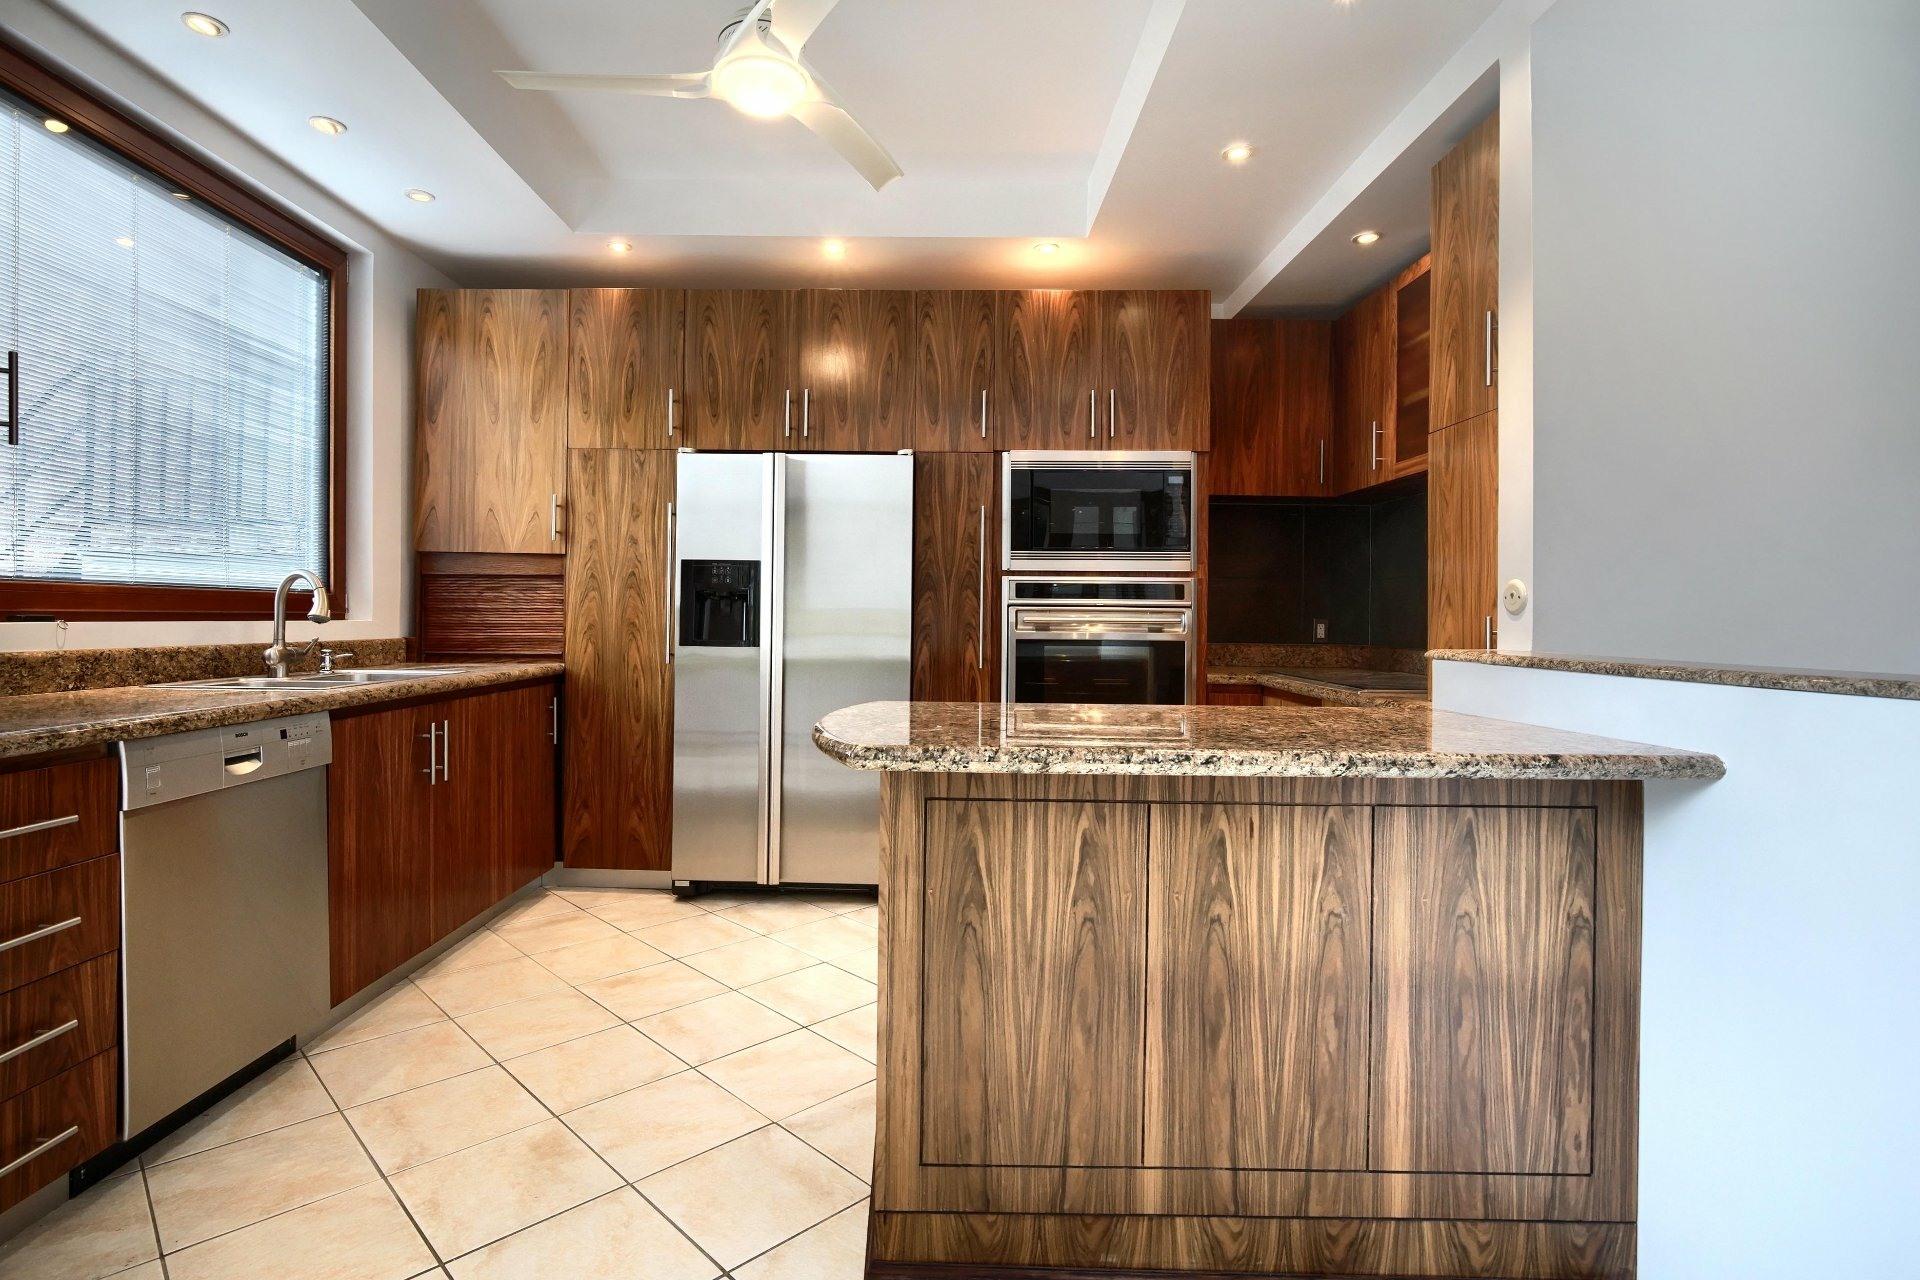 image 5 - Appartement À louer Montréal Ville-Marie  - 10 pièces